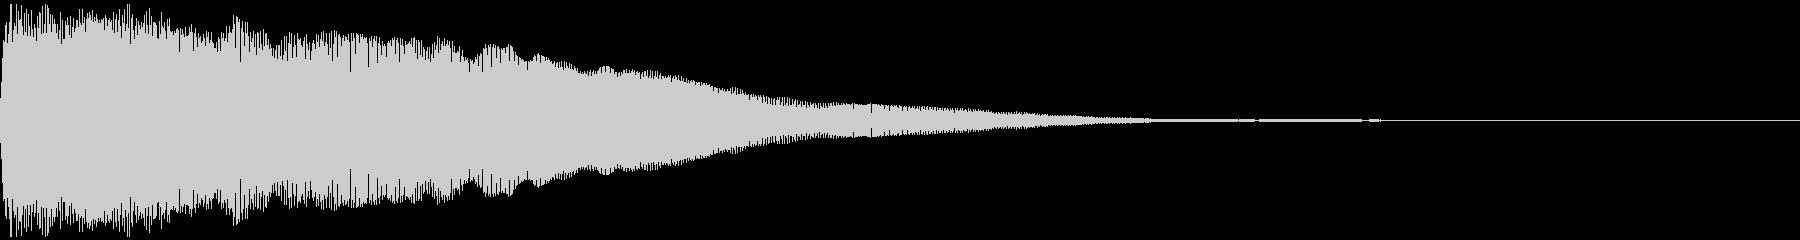 急上昇するボーカルフックを備えた、...の未再生の波形